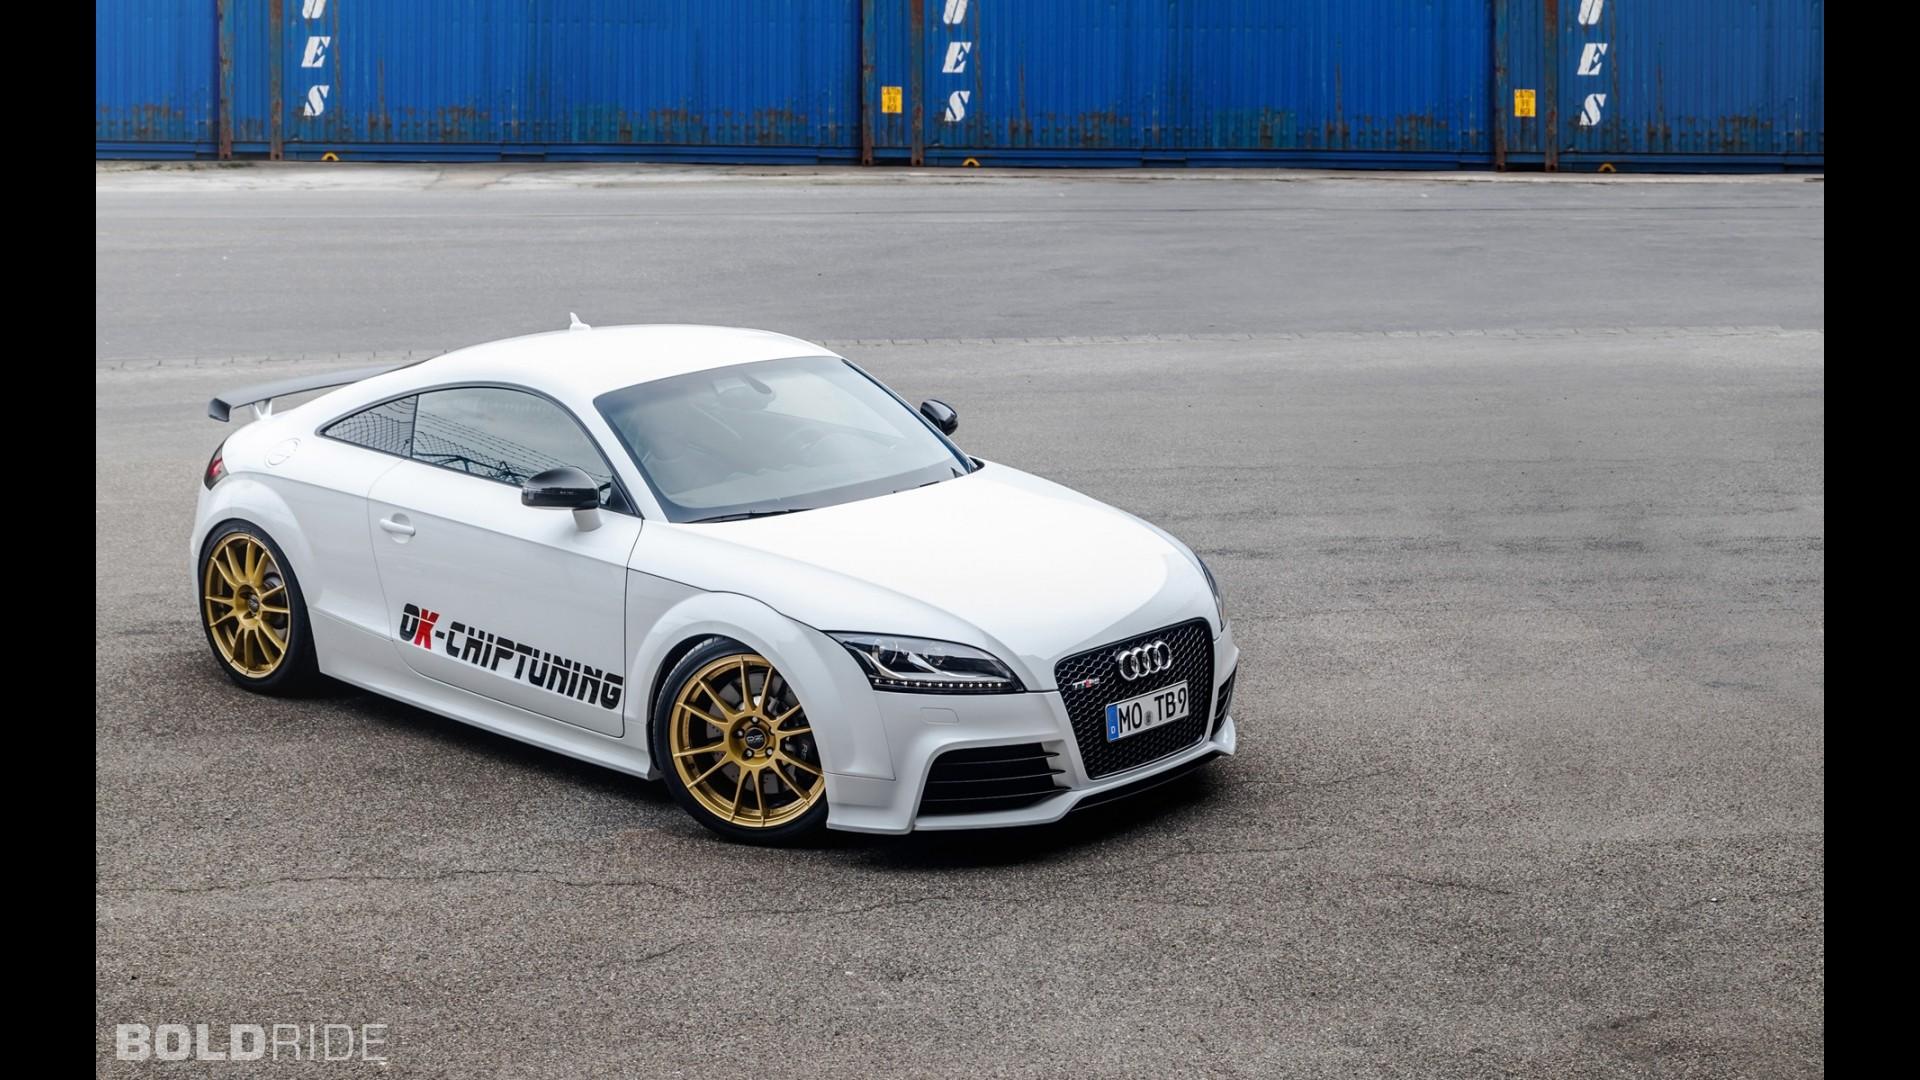 Спортивное купе Audi TT RS Plus от OK-Chiptuning